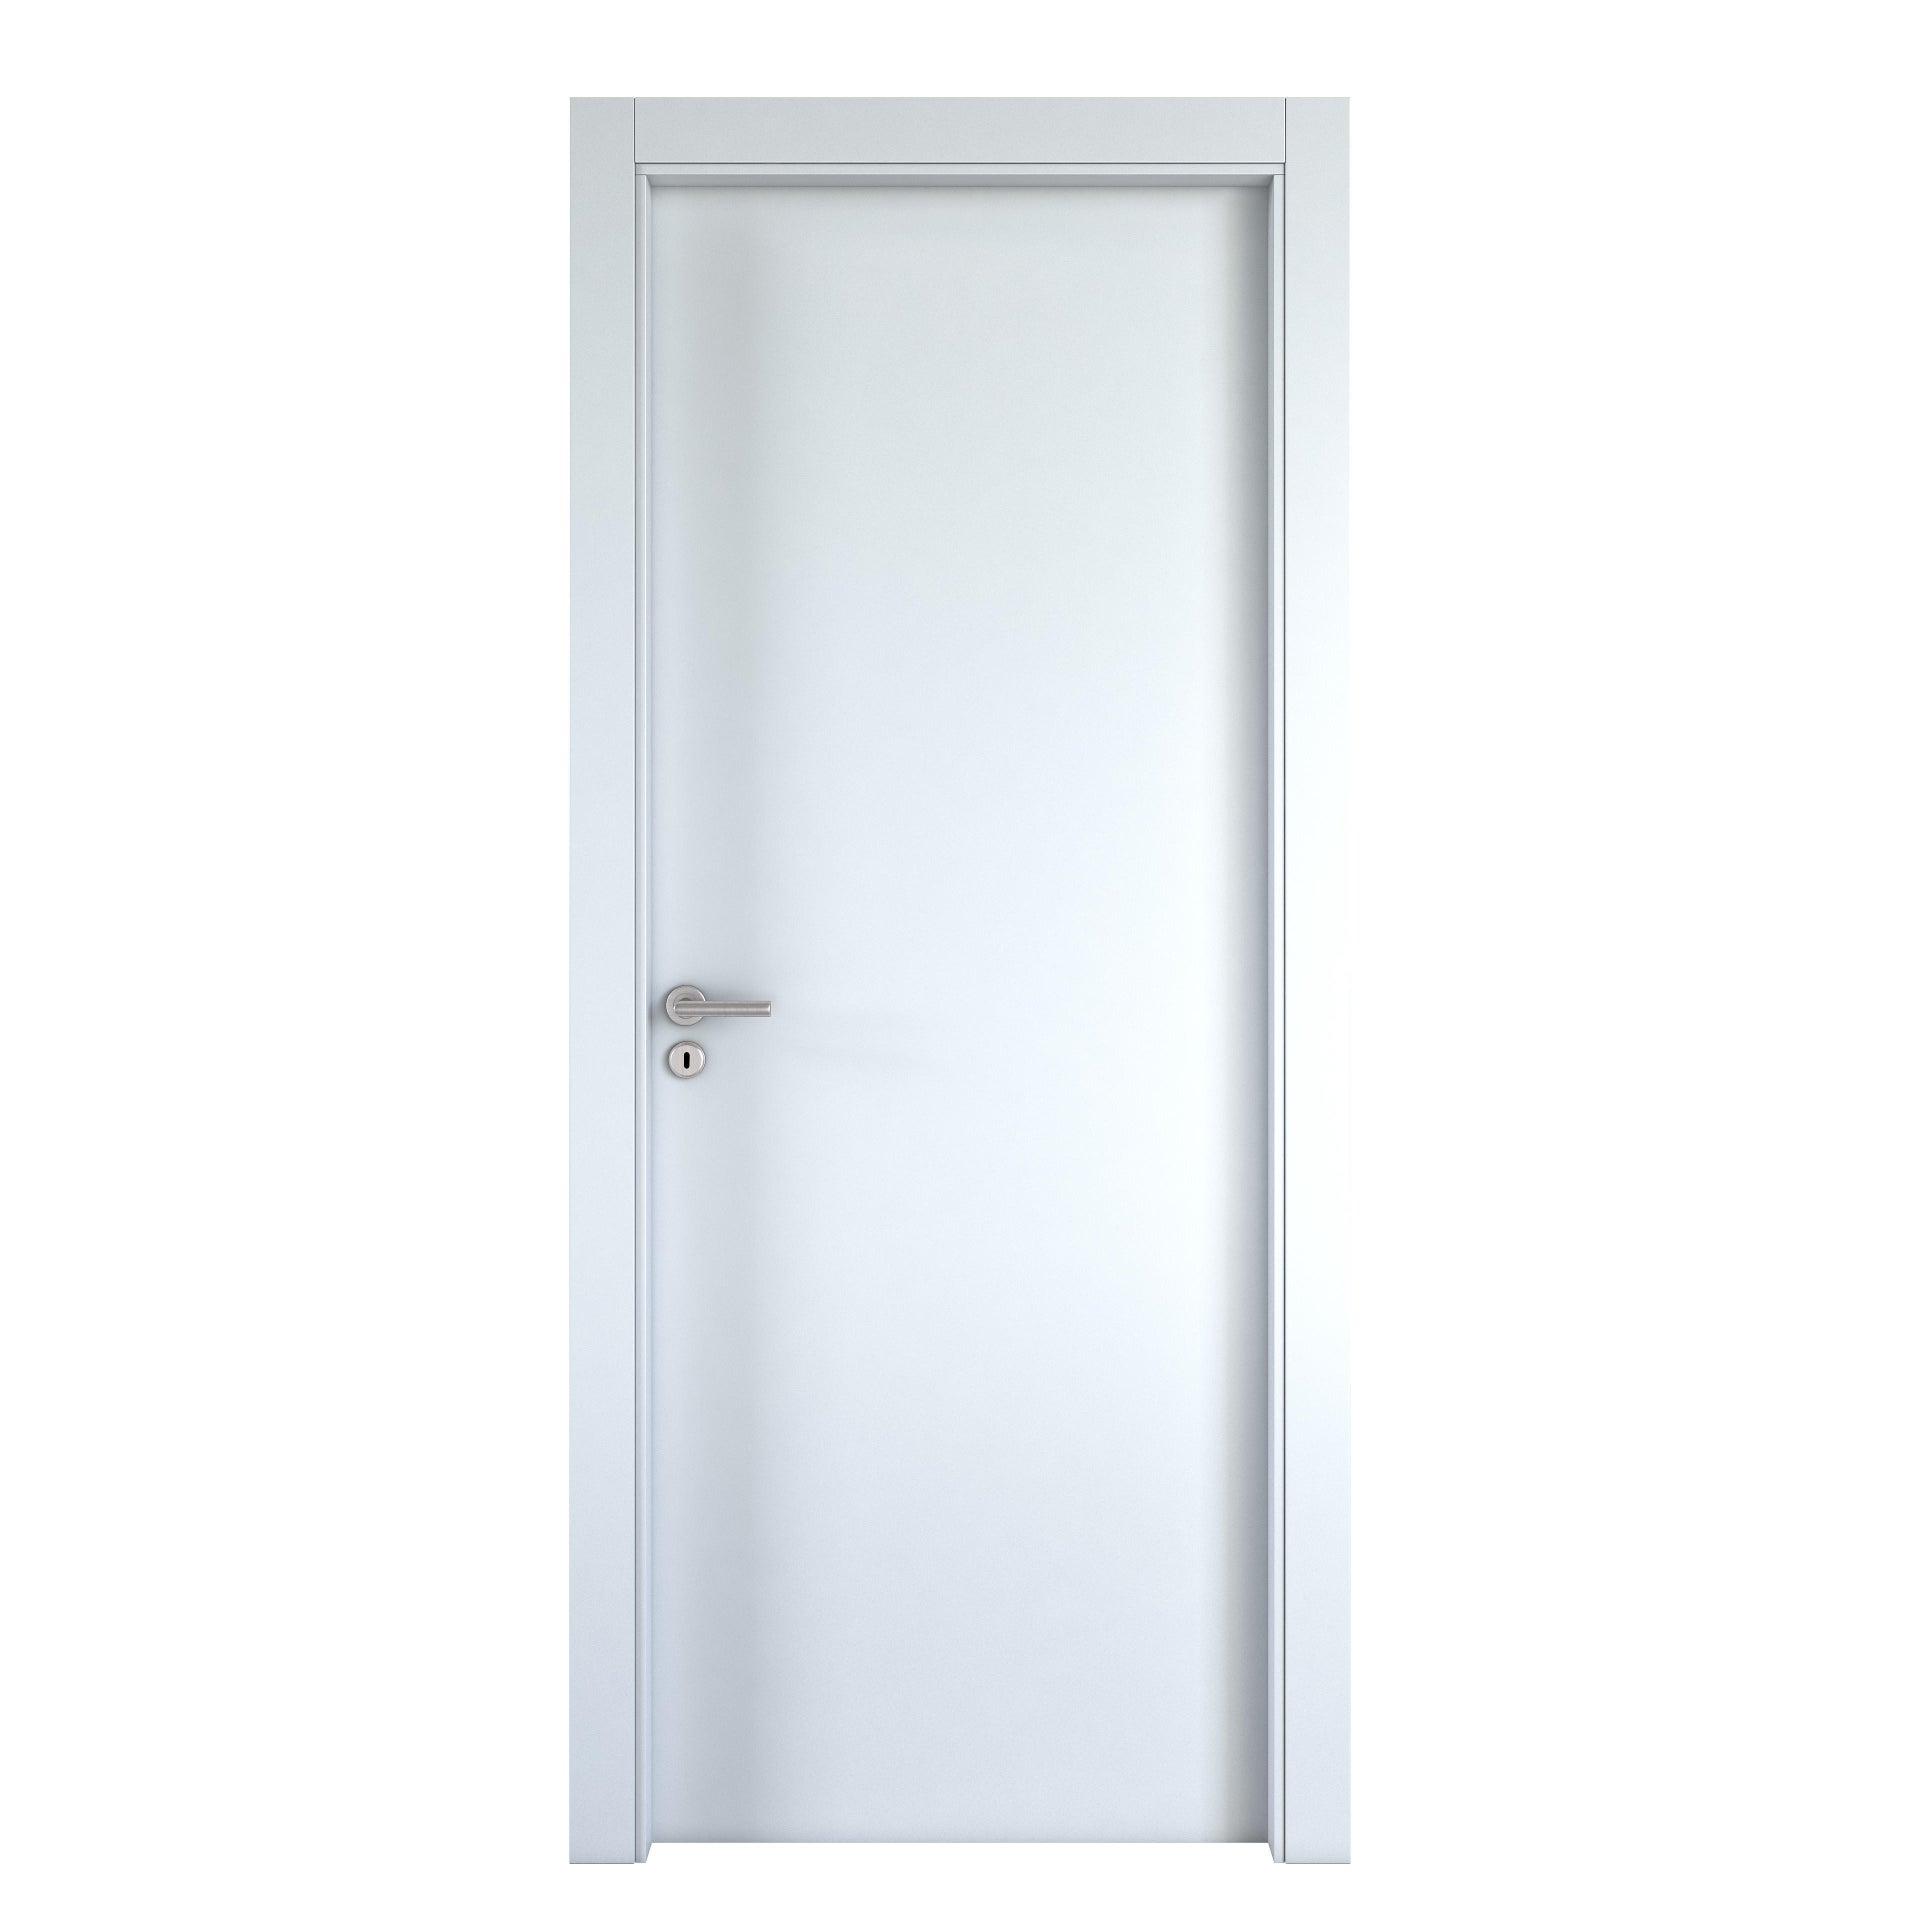 Porta a battente Cream bianco L 80 x H 210 cm reversibile - 3